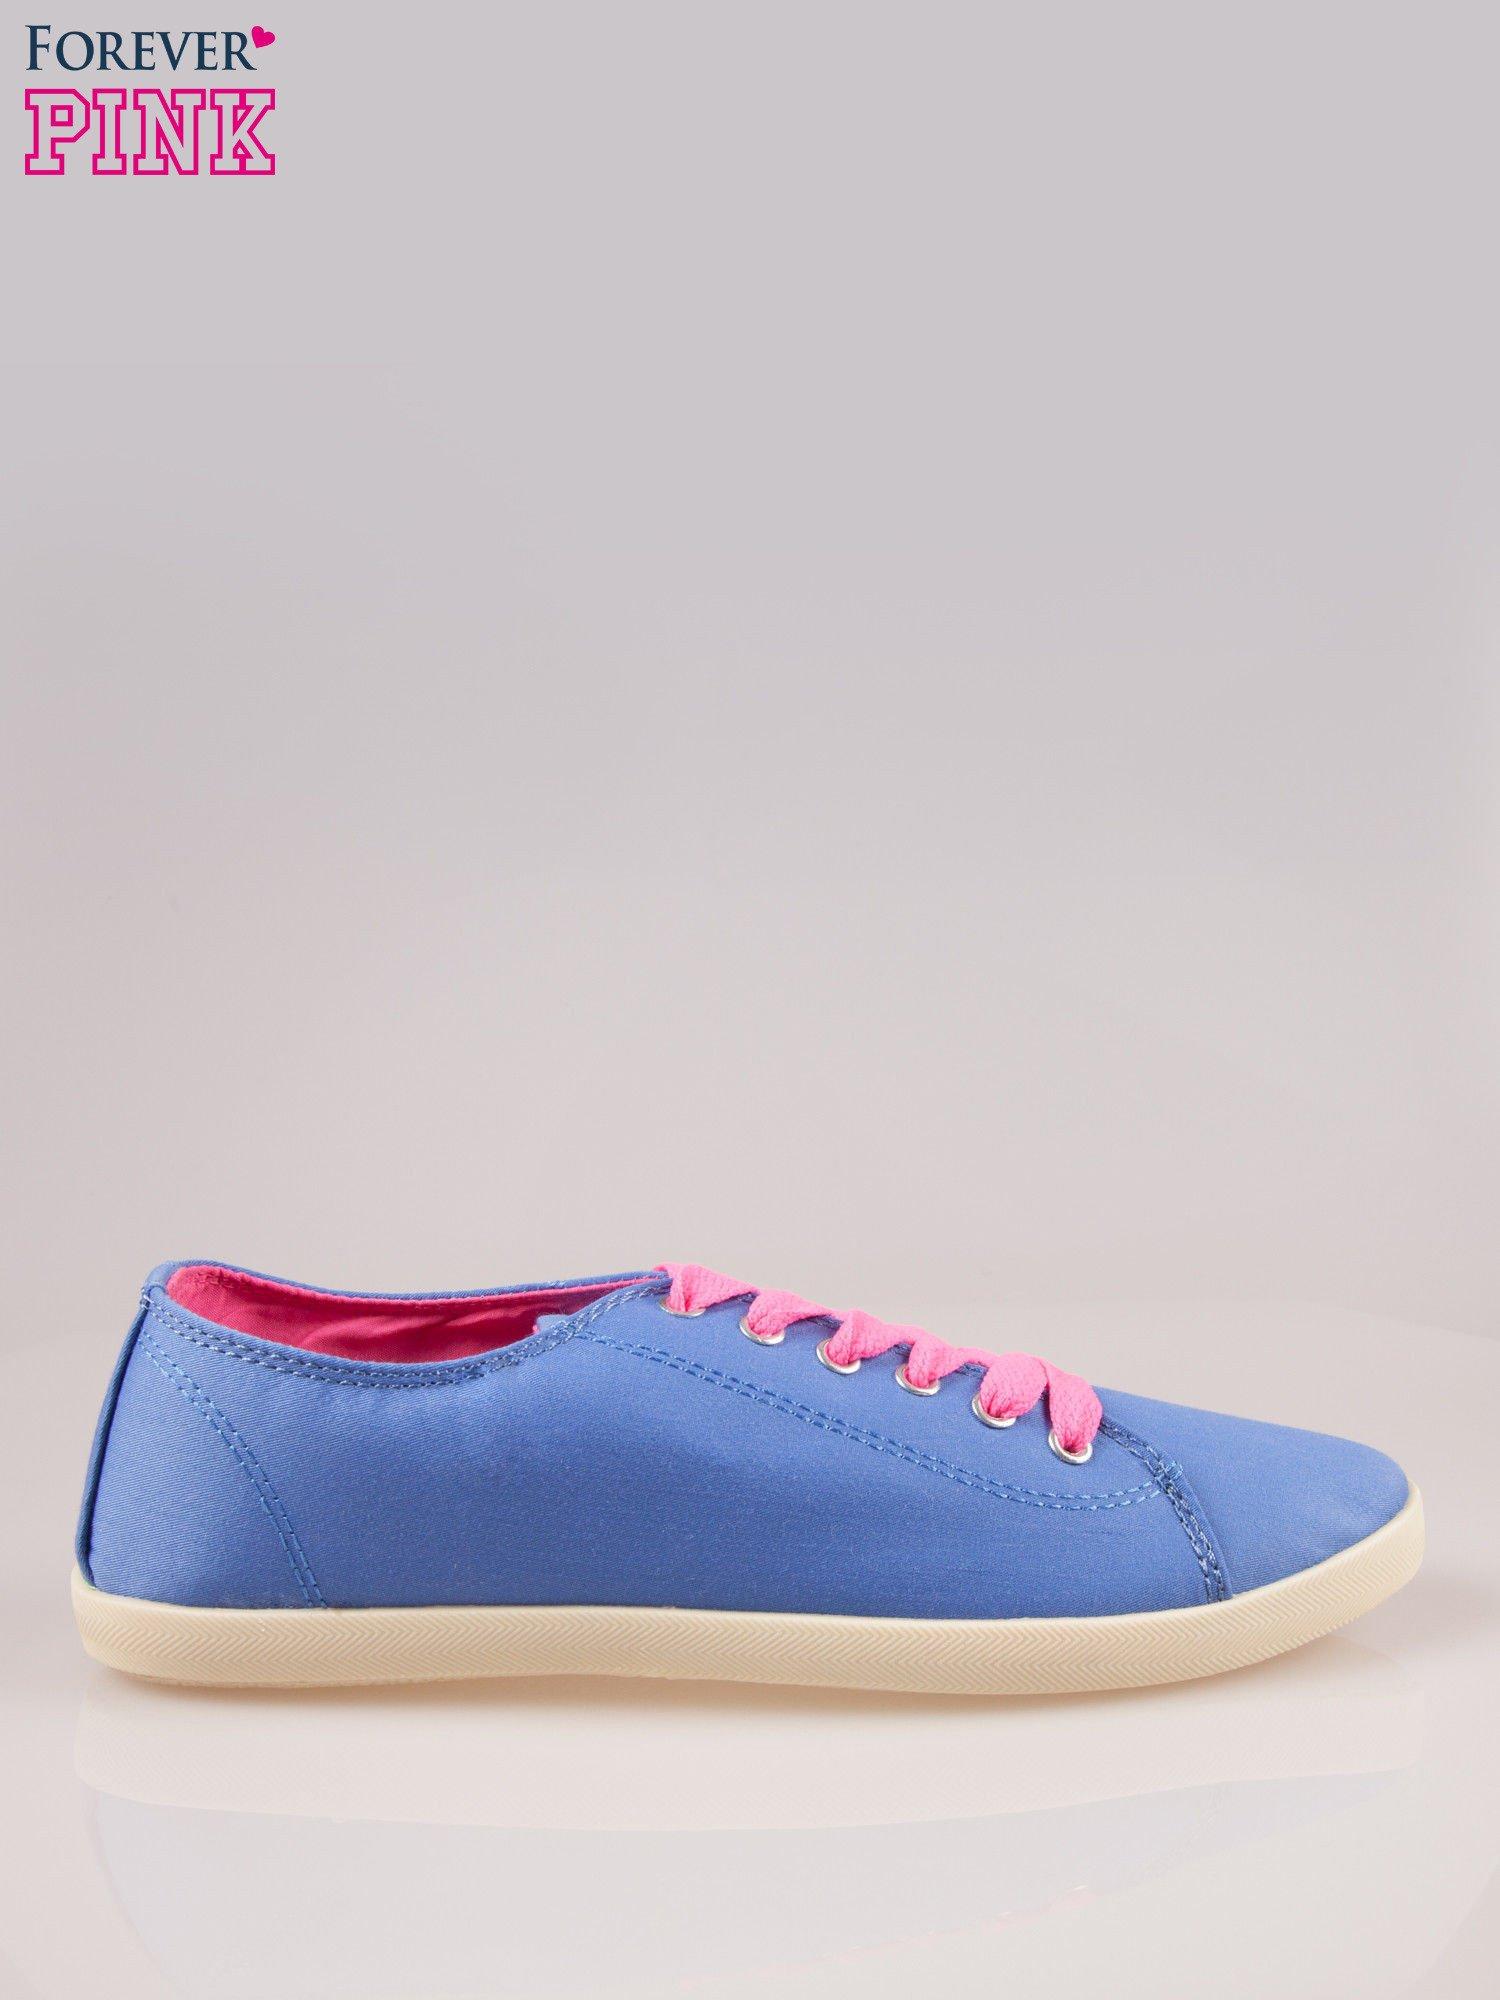 Niebieskie tenisówki damskie z różowymi sznurówkami                                  zdj.                                  1